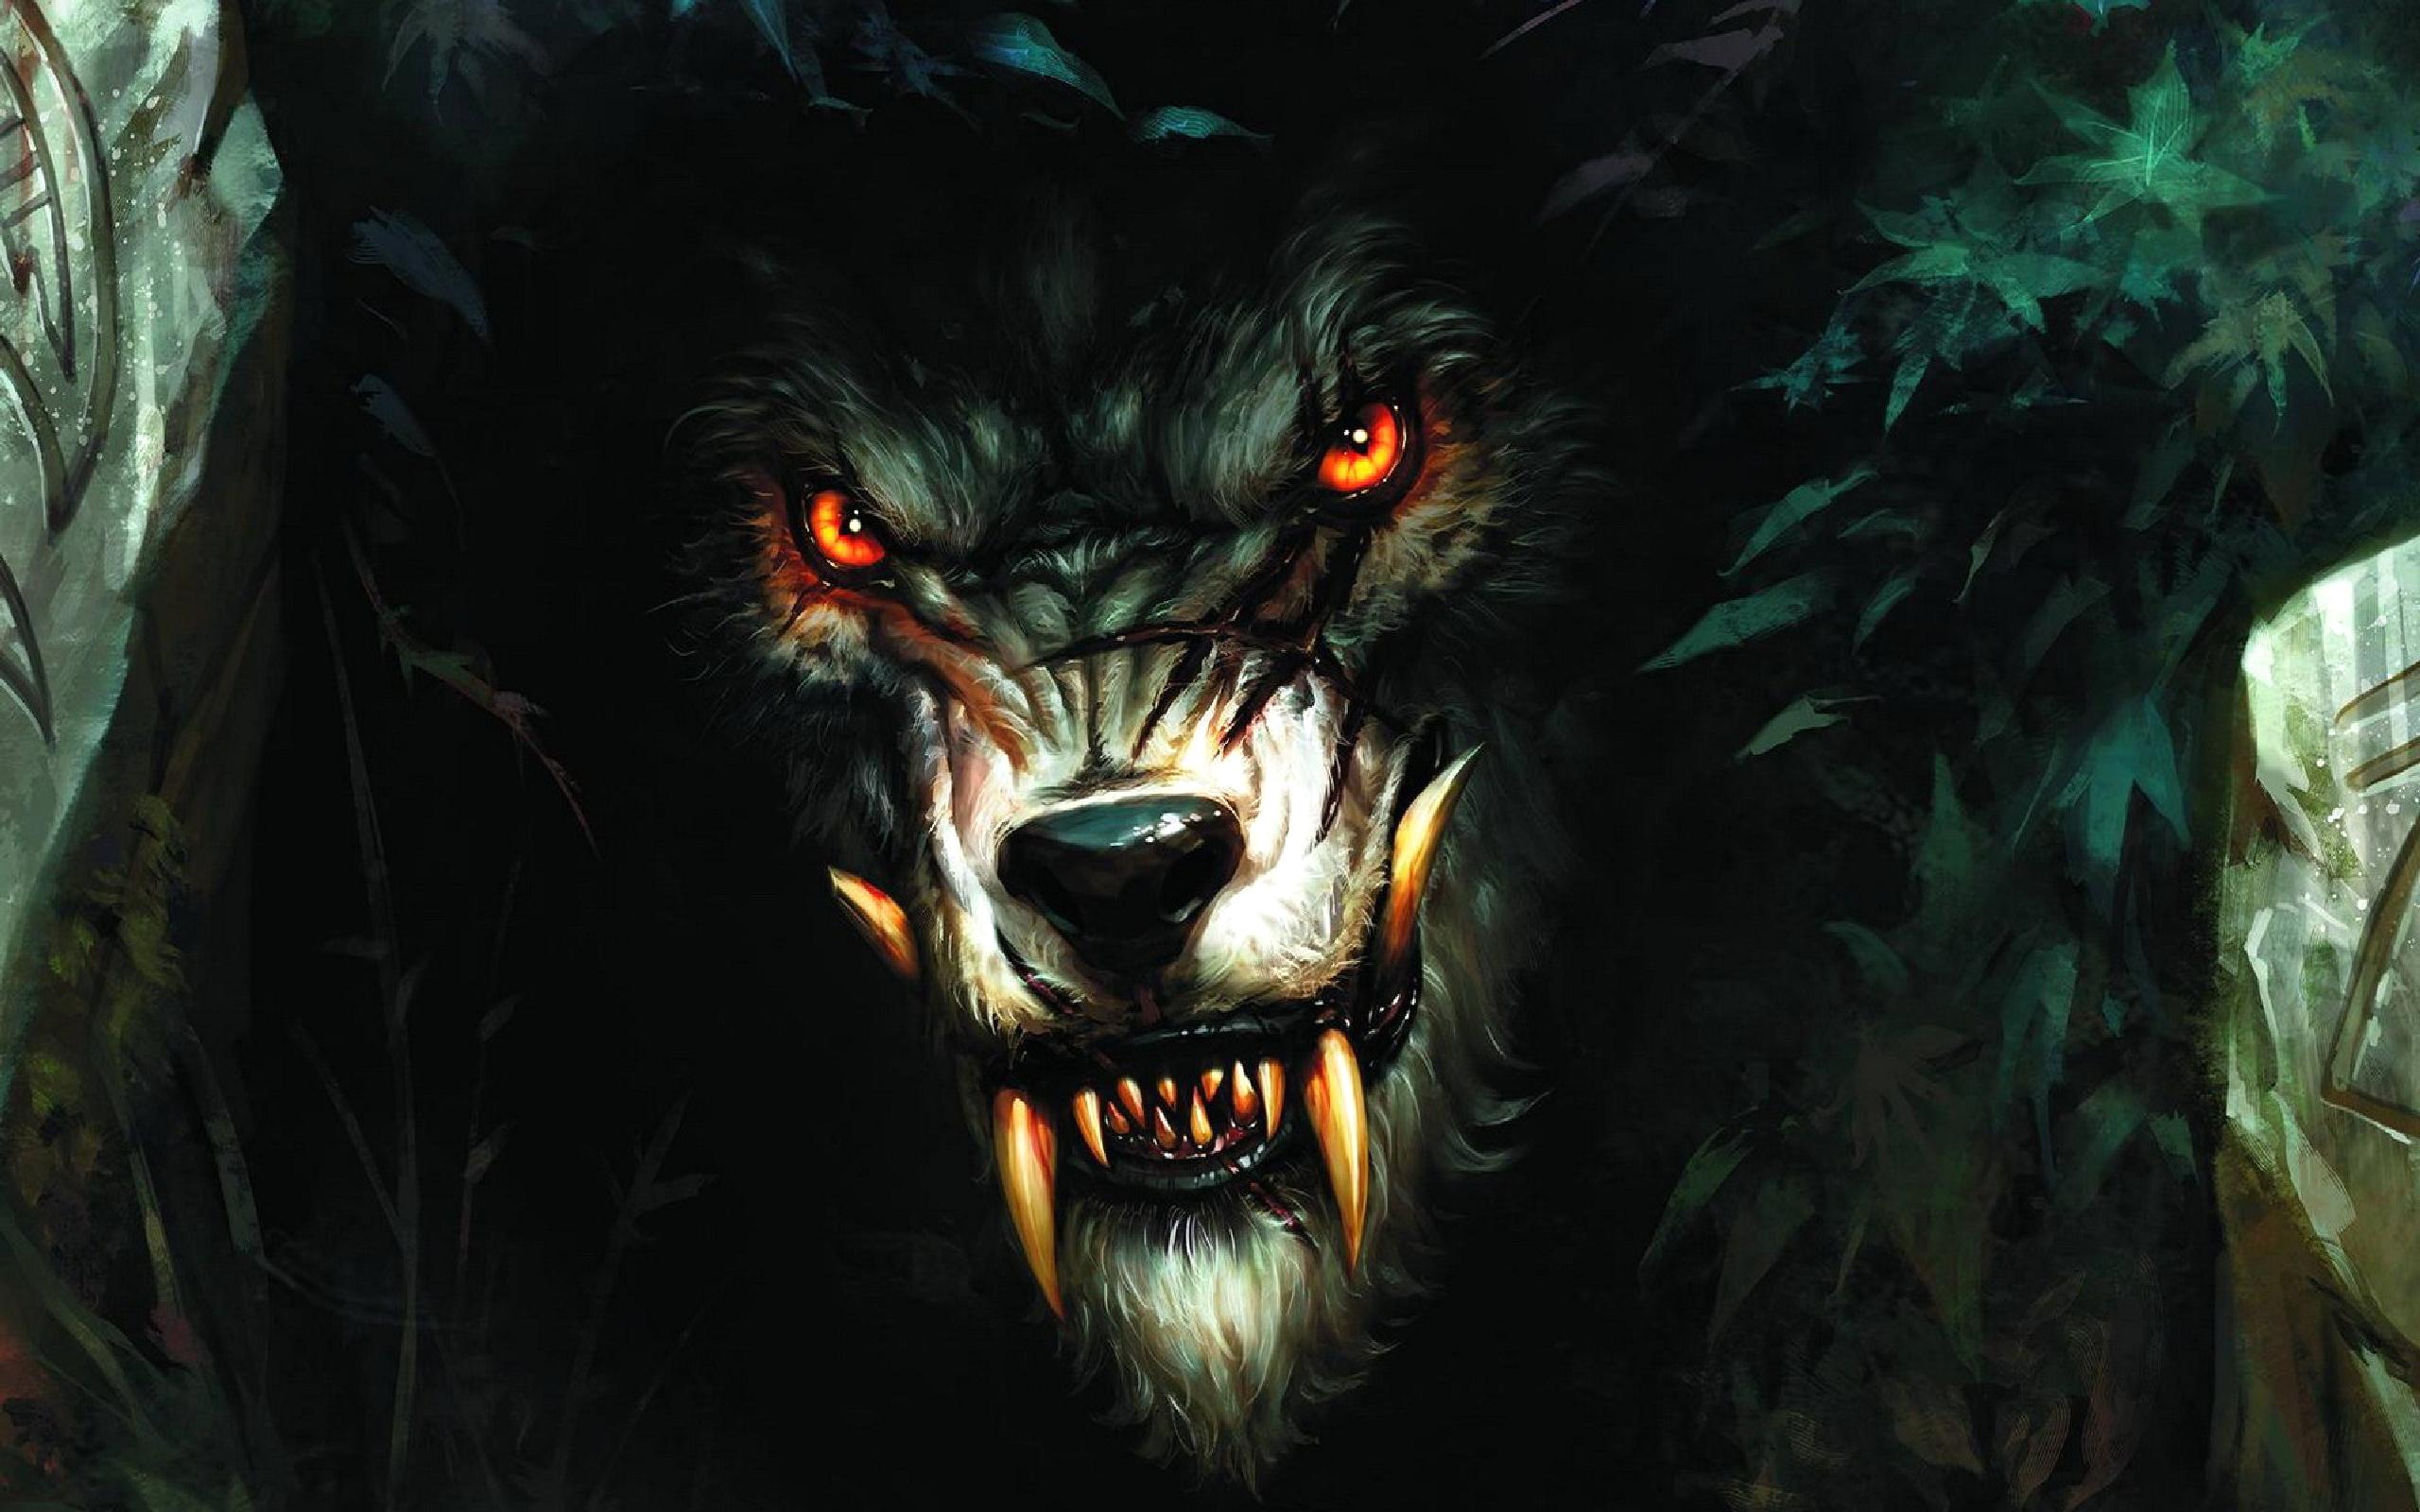 Werewolf artwork